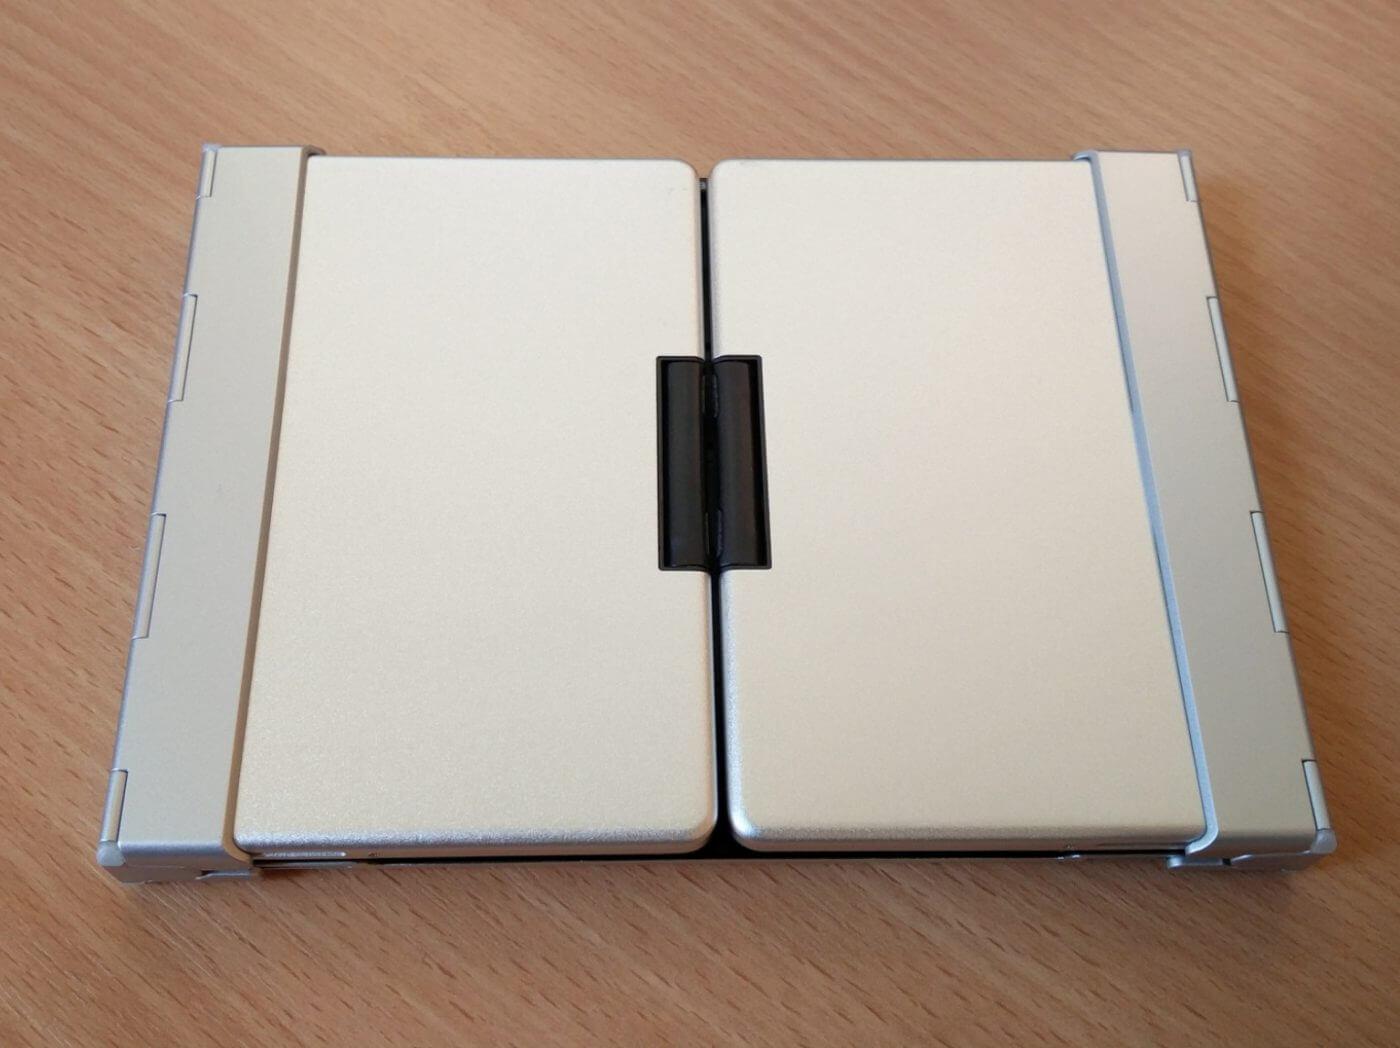 iClever Folding Keyboard Folded